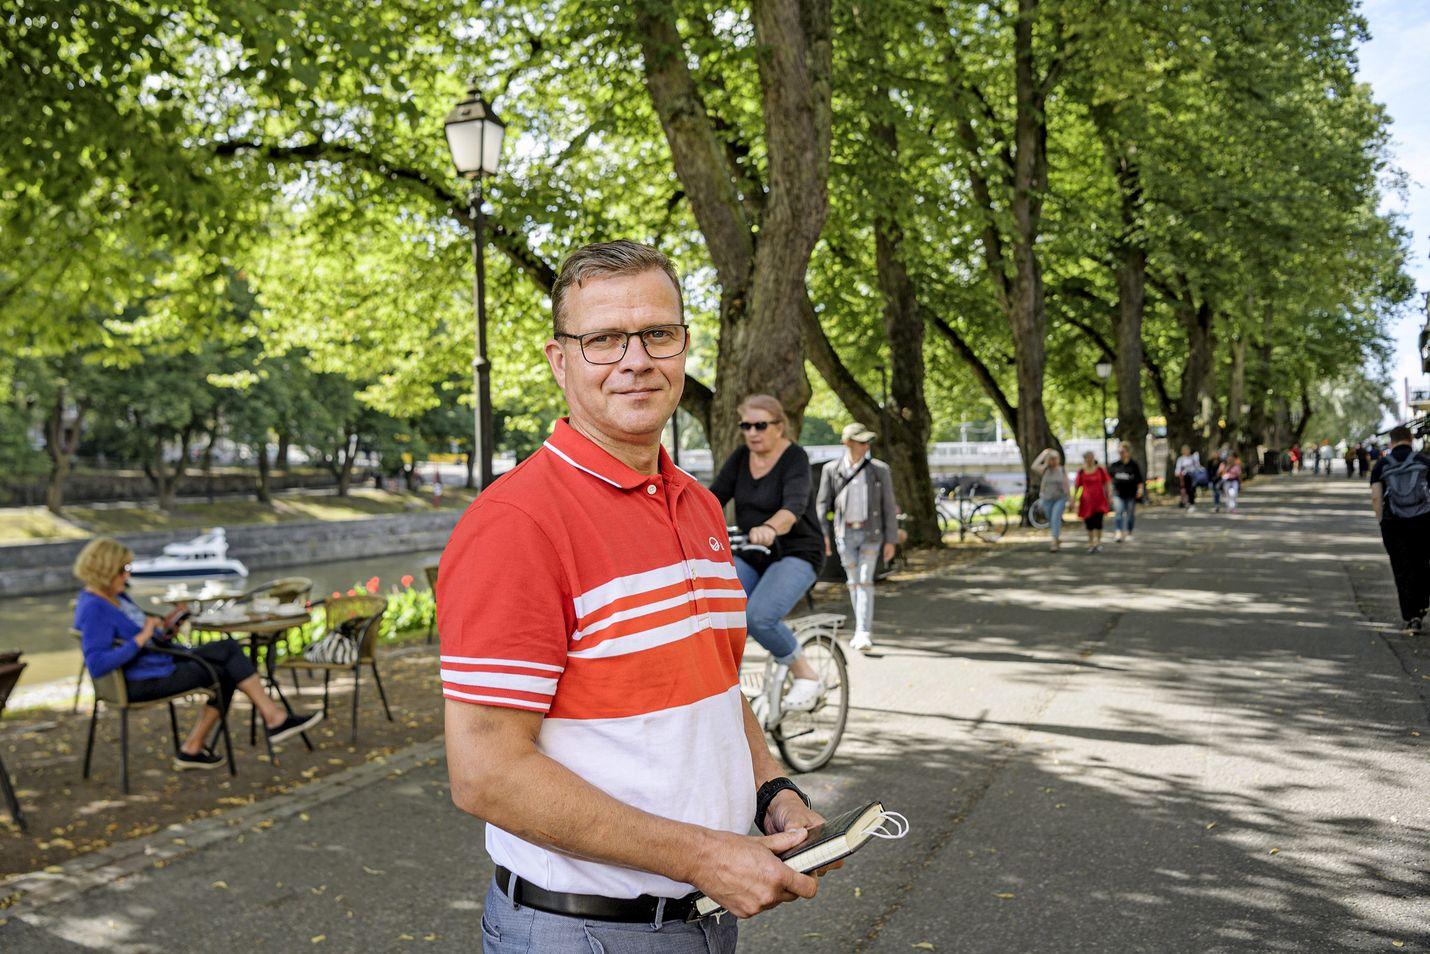 Kirjoittaja kysyy, ovatko Petteri Orpon johtama kokoomus ja perussuomalaiset käyneet jo kabinettikeskusteluja hallituskumppanuudesta.